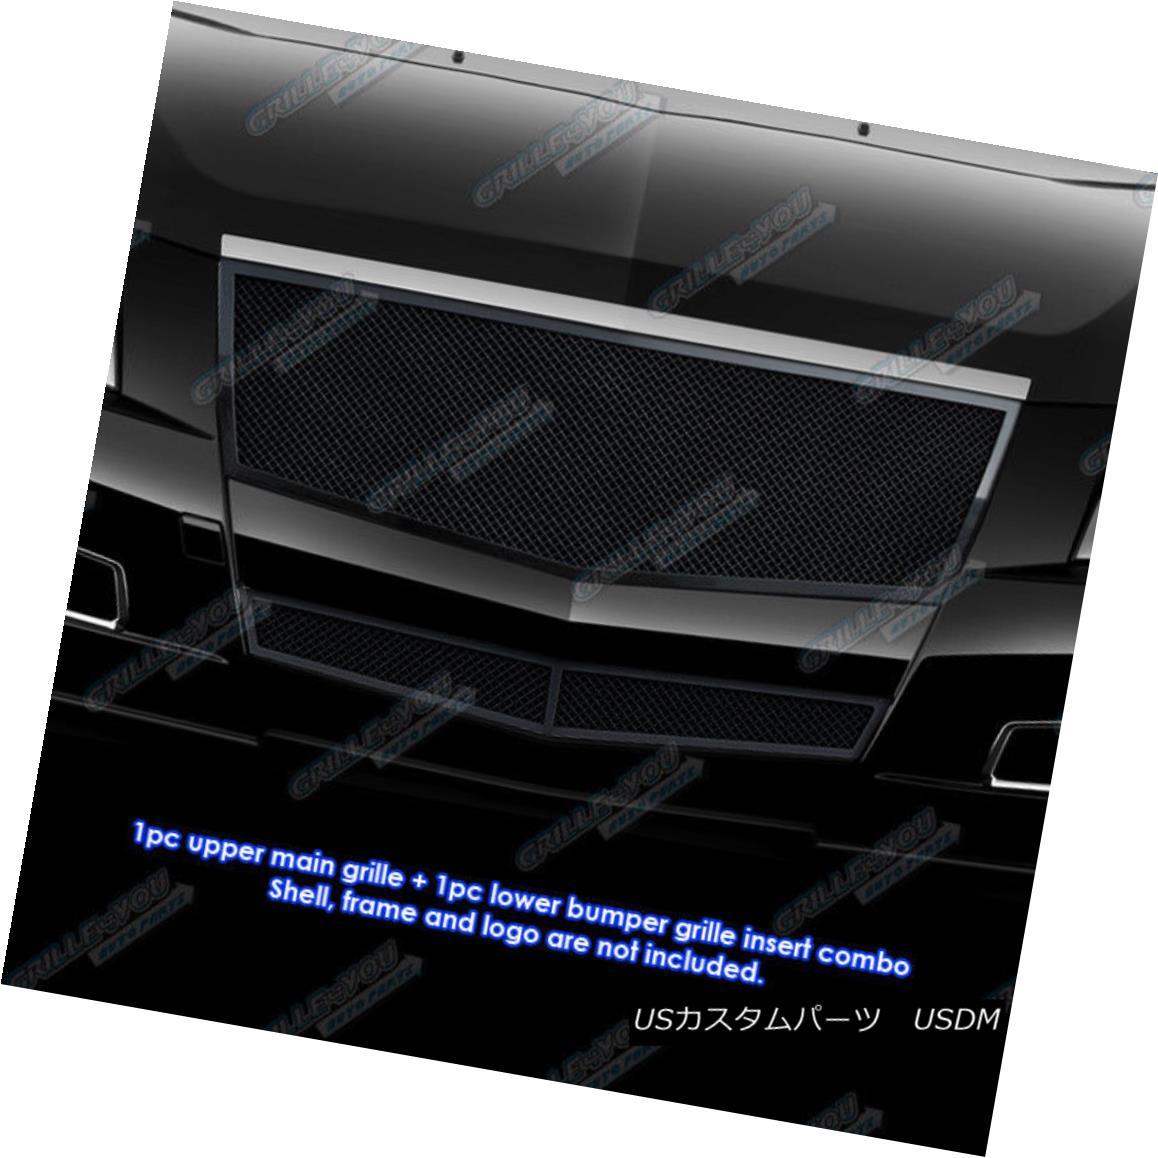 グリル Fits 2008-2013 Cadillac CTS Black Stainless Steel Mesh Grille Insert Combo フィット2008-2013キャデラックCTSブラックステンレスメッシュグリルインサートコンボ